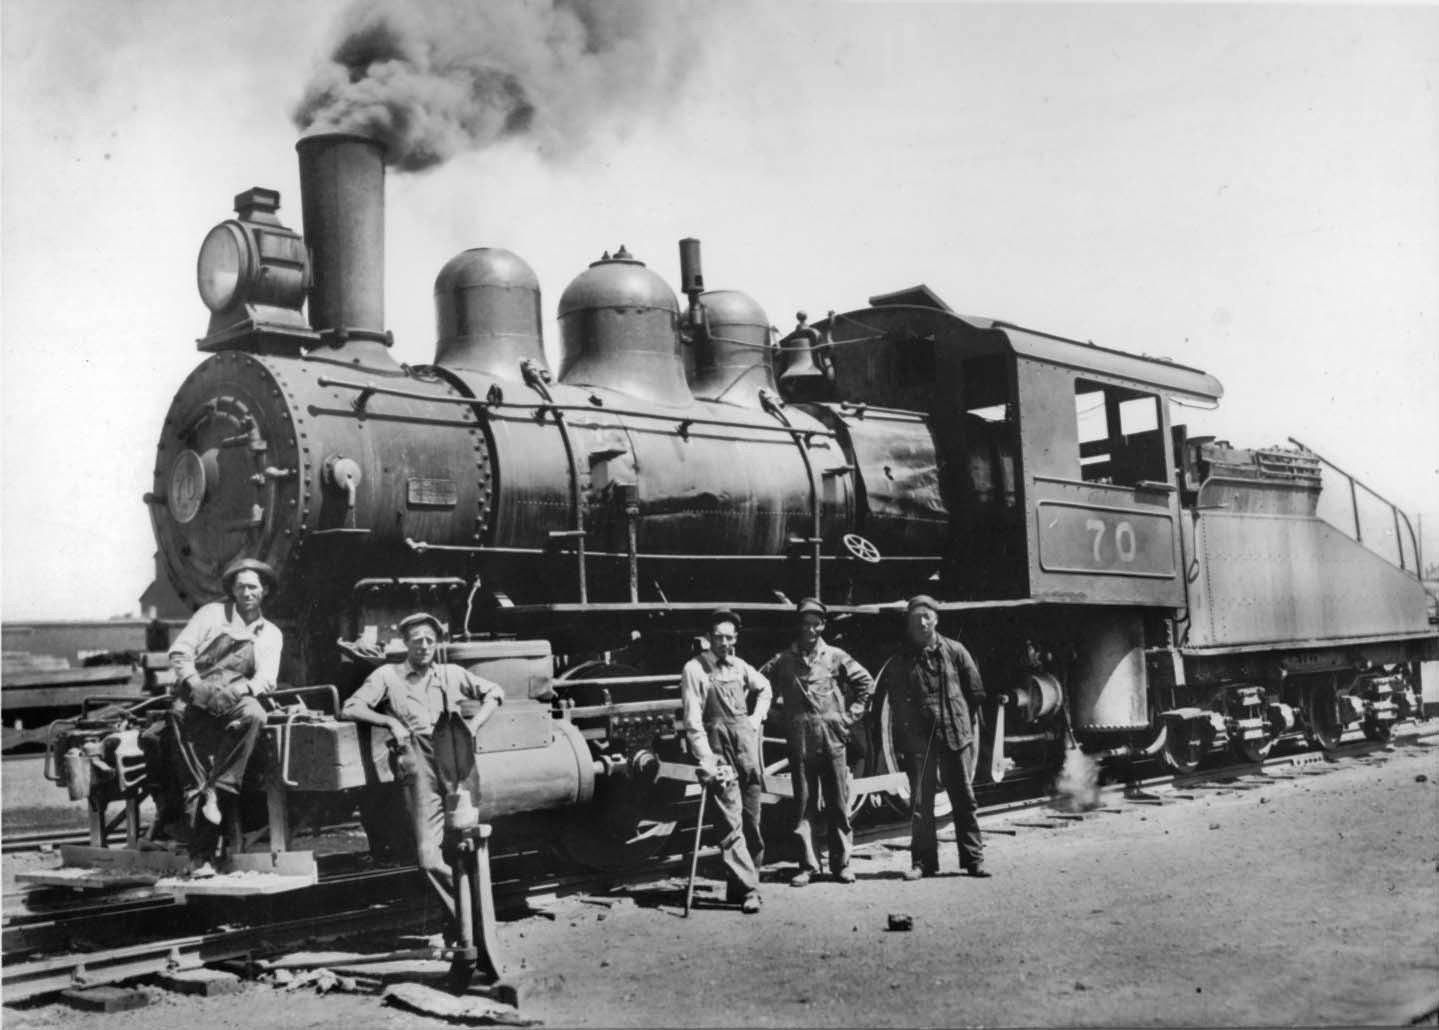 cornelius vanderbilt railroad